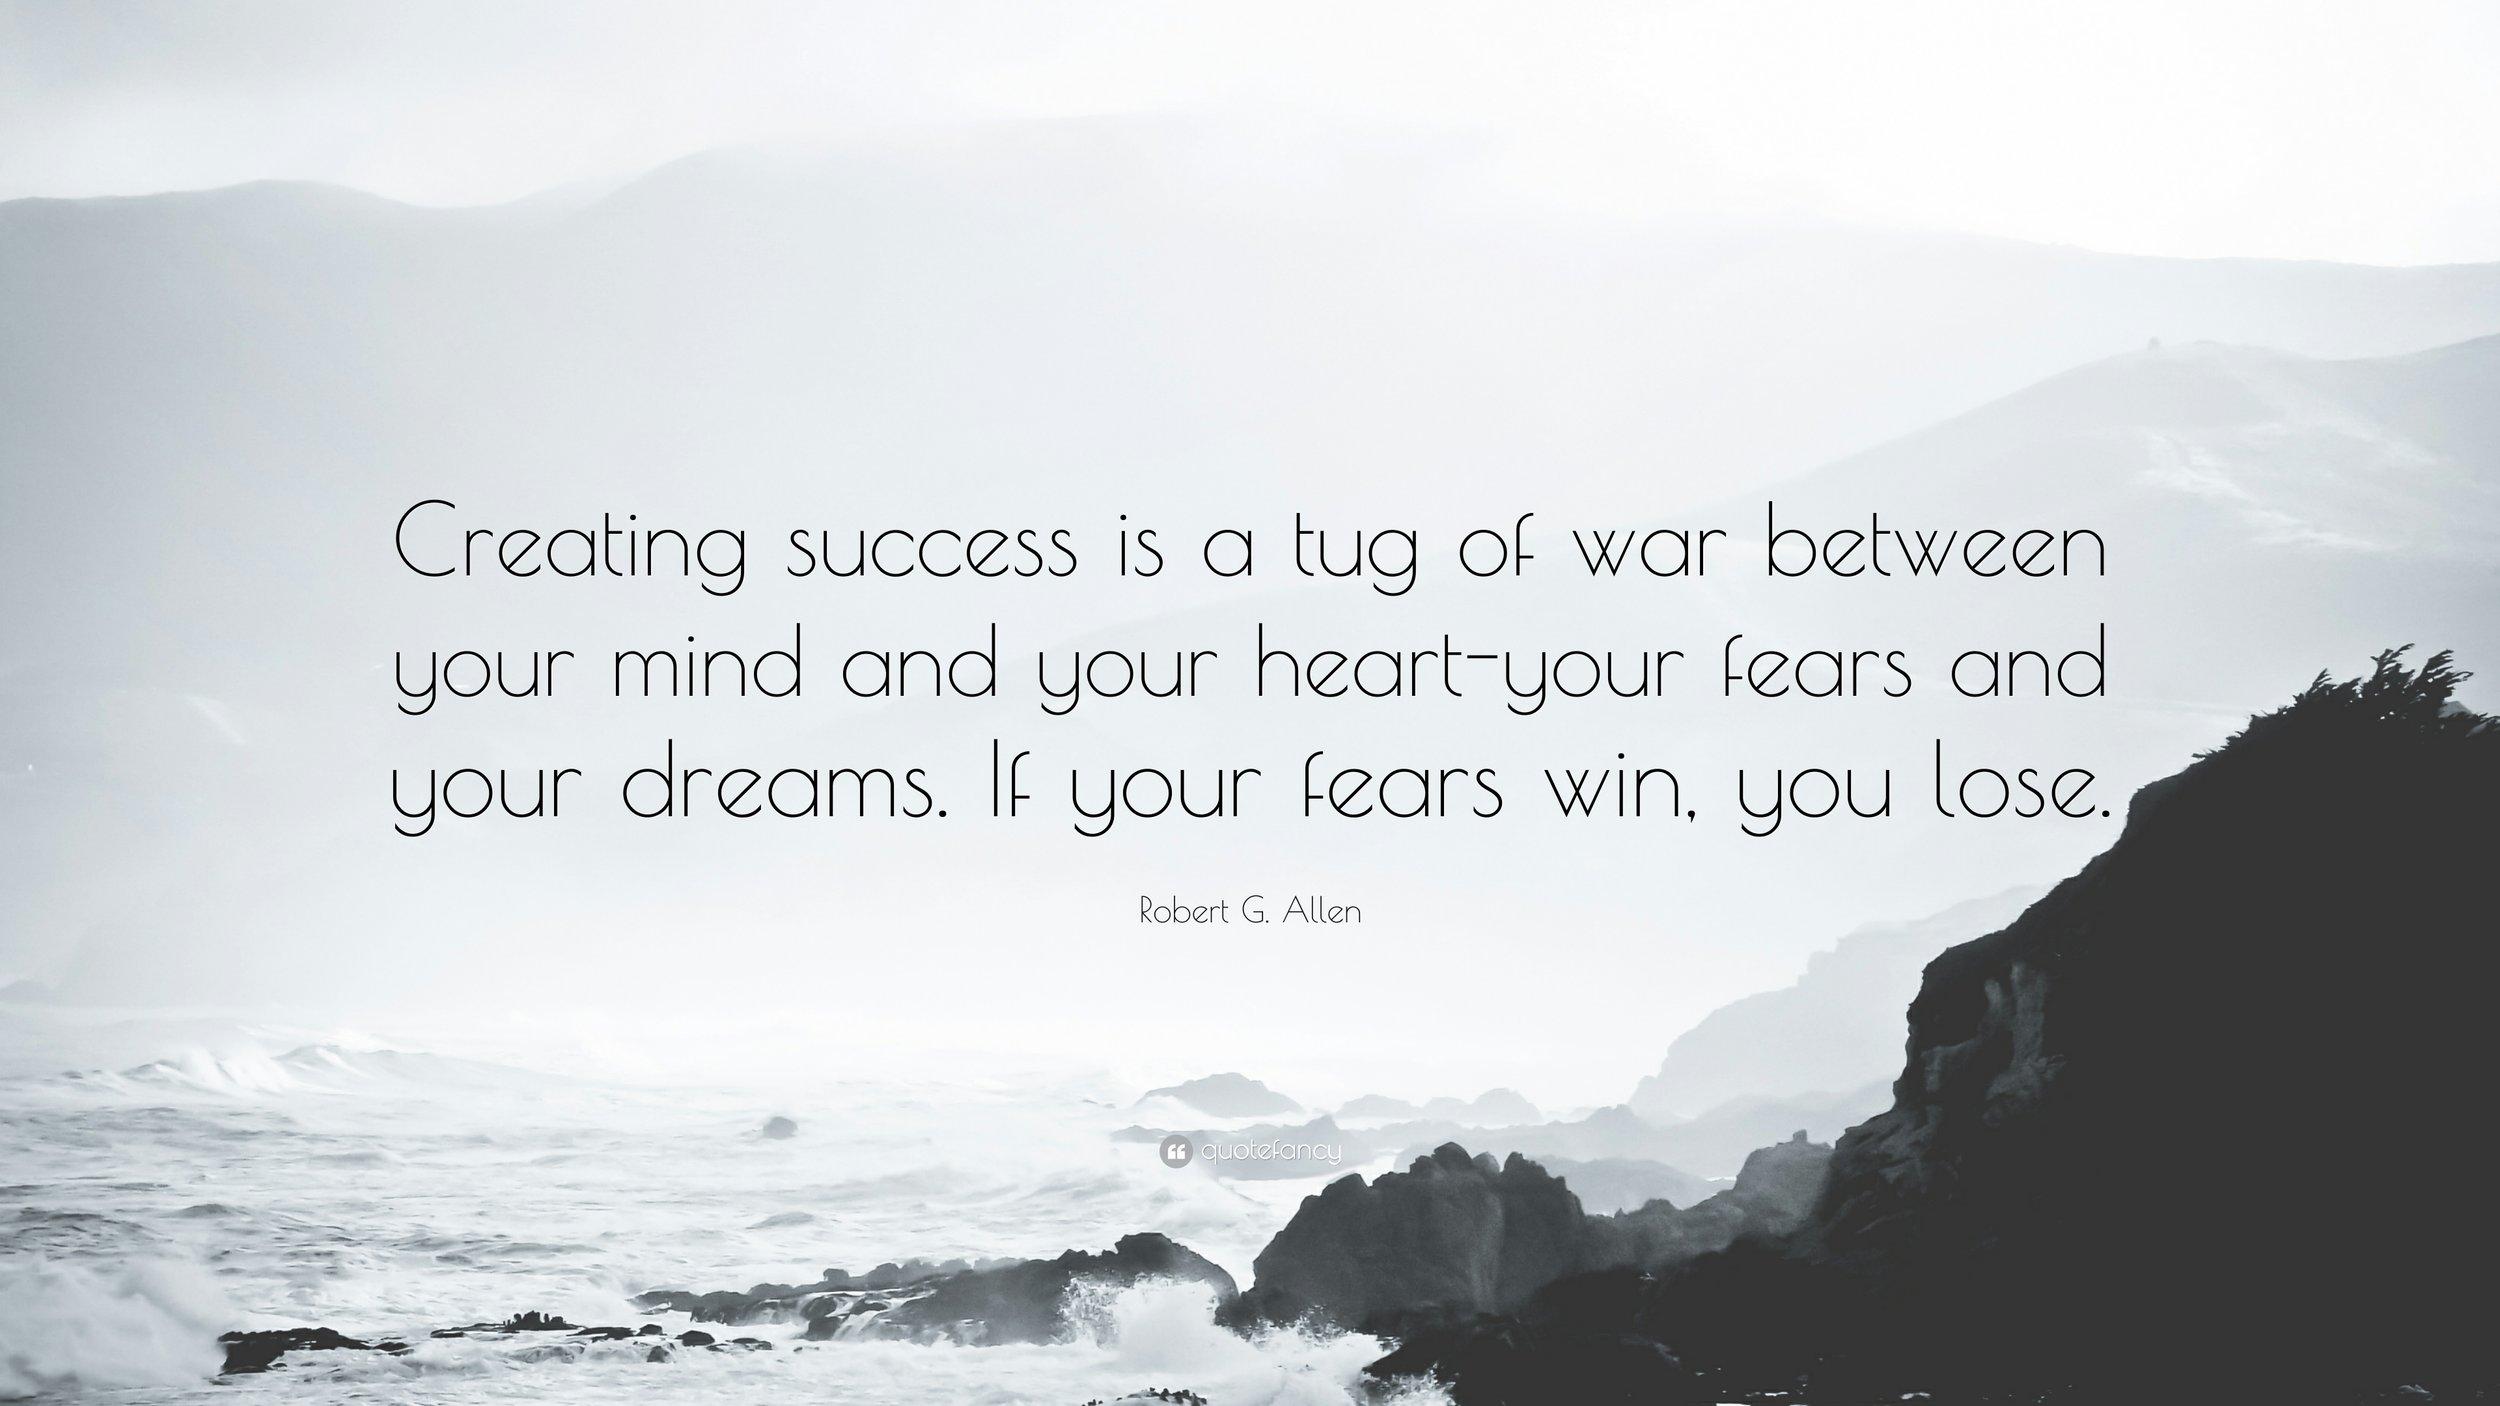 1178595-Robert-G-Allen-Quote-Creating-success-is-a-tug-of-war-between-your.jpg